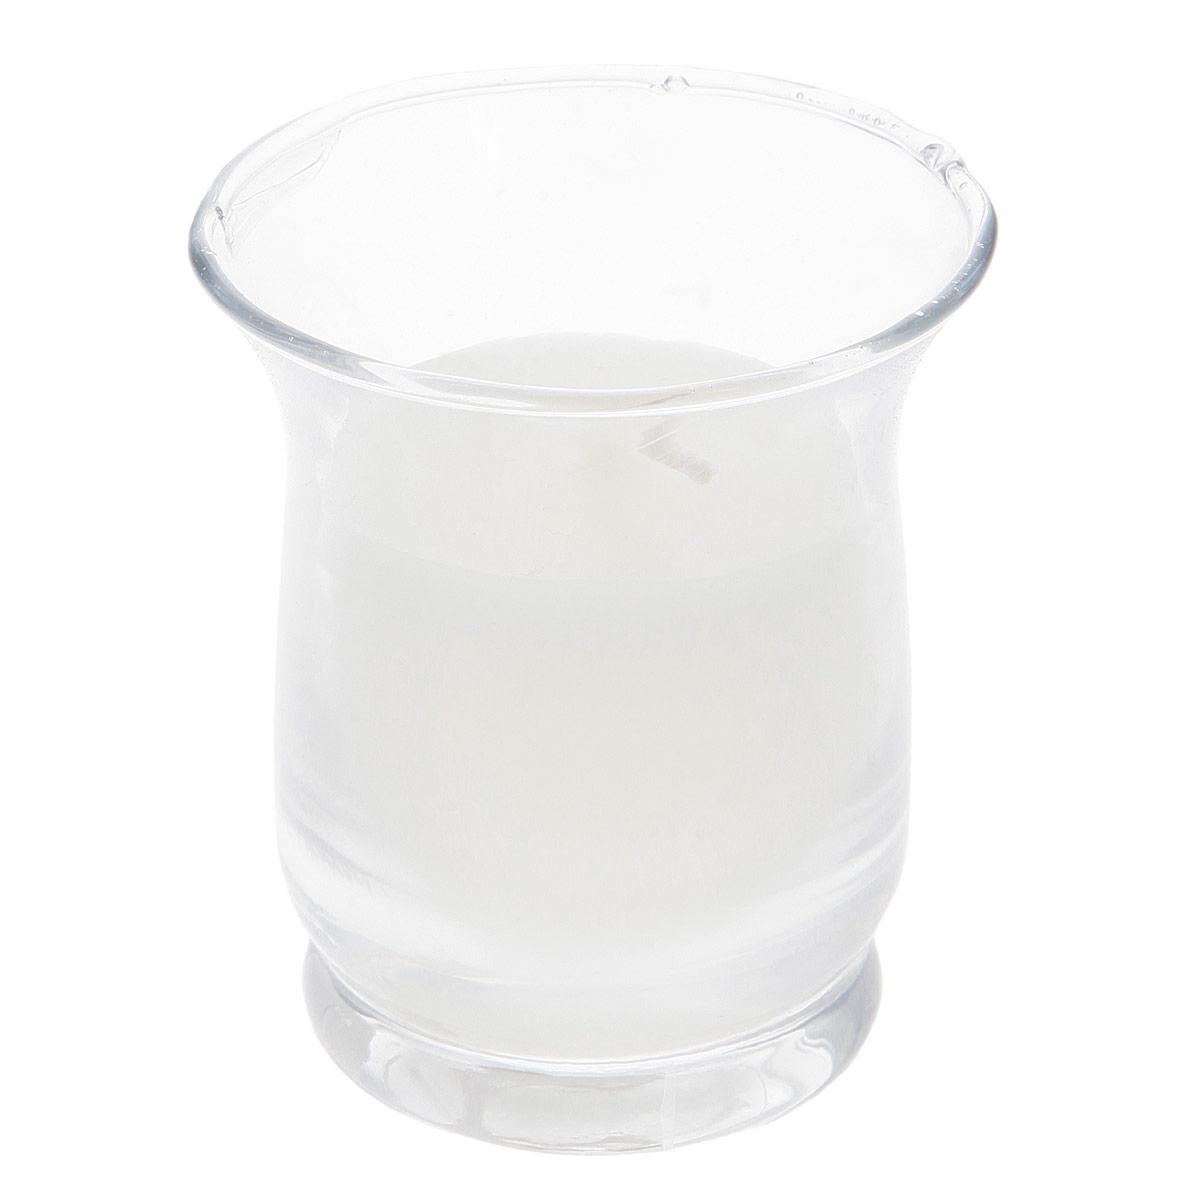 Свеча ароматизированная Sima-land Лилия, высота 7 см849627Ароматизированная свеча Sima-land Лилия изготовлена из воска и расположена в стеклянном стакане. Изделие отличается оригинальным дизайном и приятным цветочным ароматом. Такая свеча может стать отличным подарком или дополнить интерьер вашей комнаты.